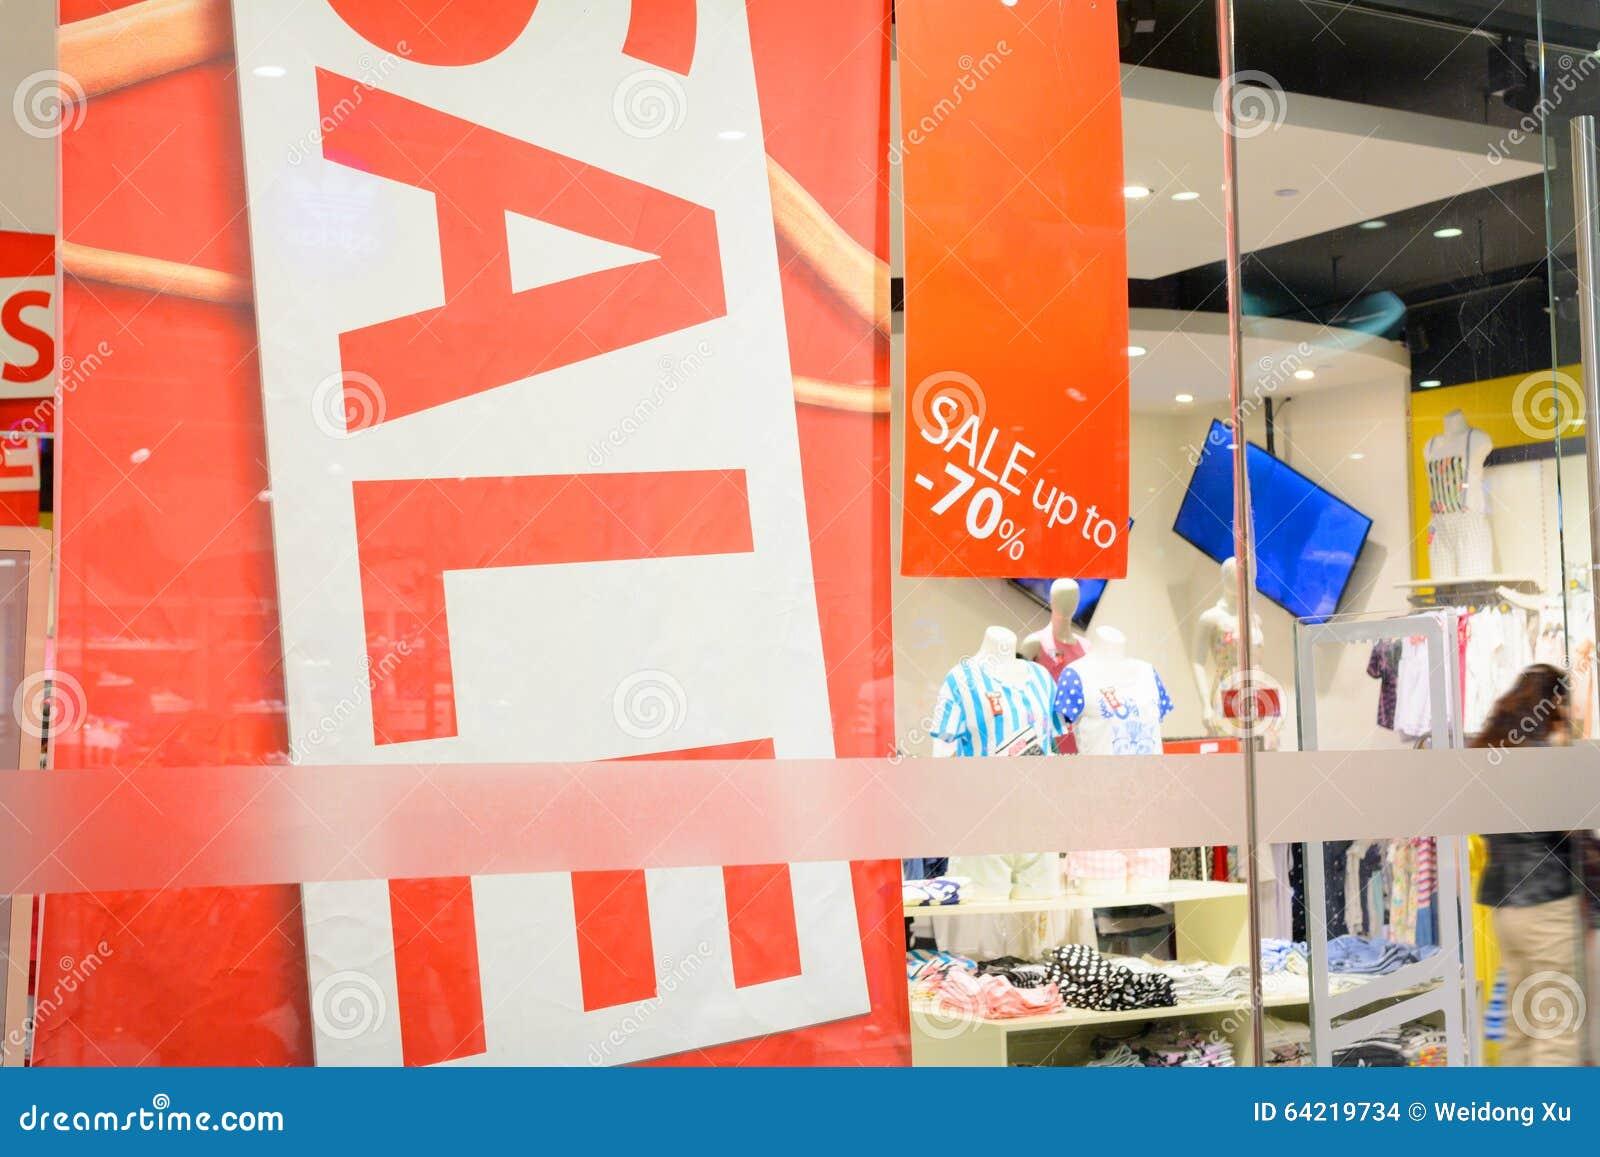 ce8e84a4f Atividades Relativas à Promoção Na Loja De Roupa Foto de Stock ...